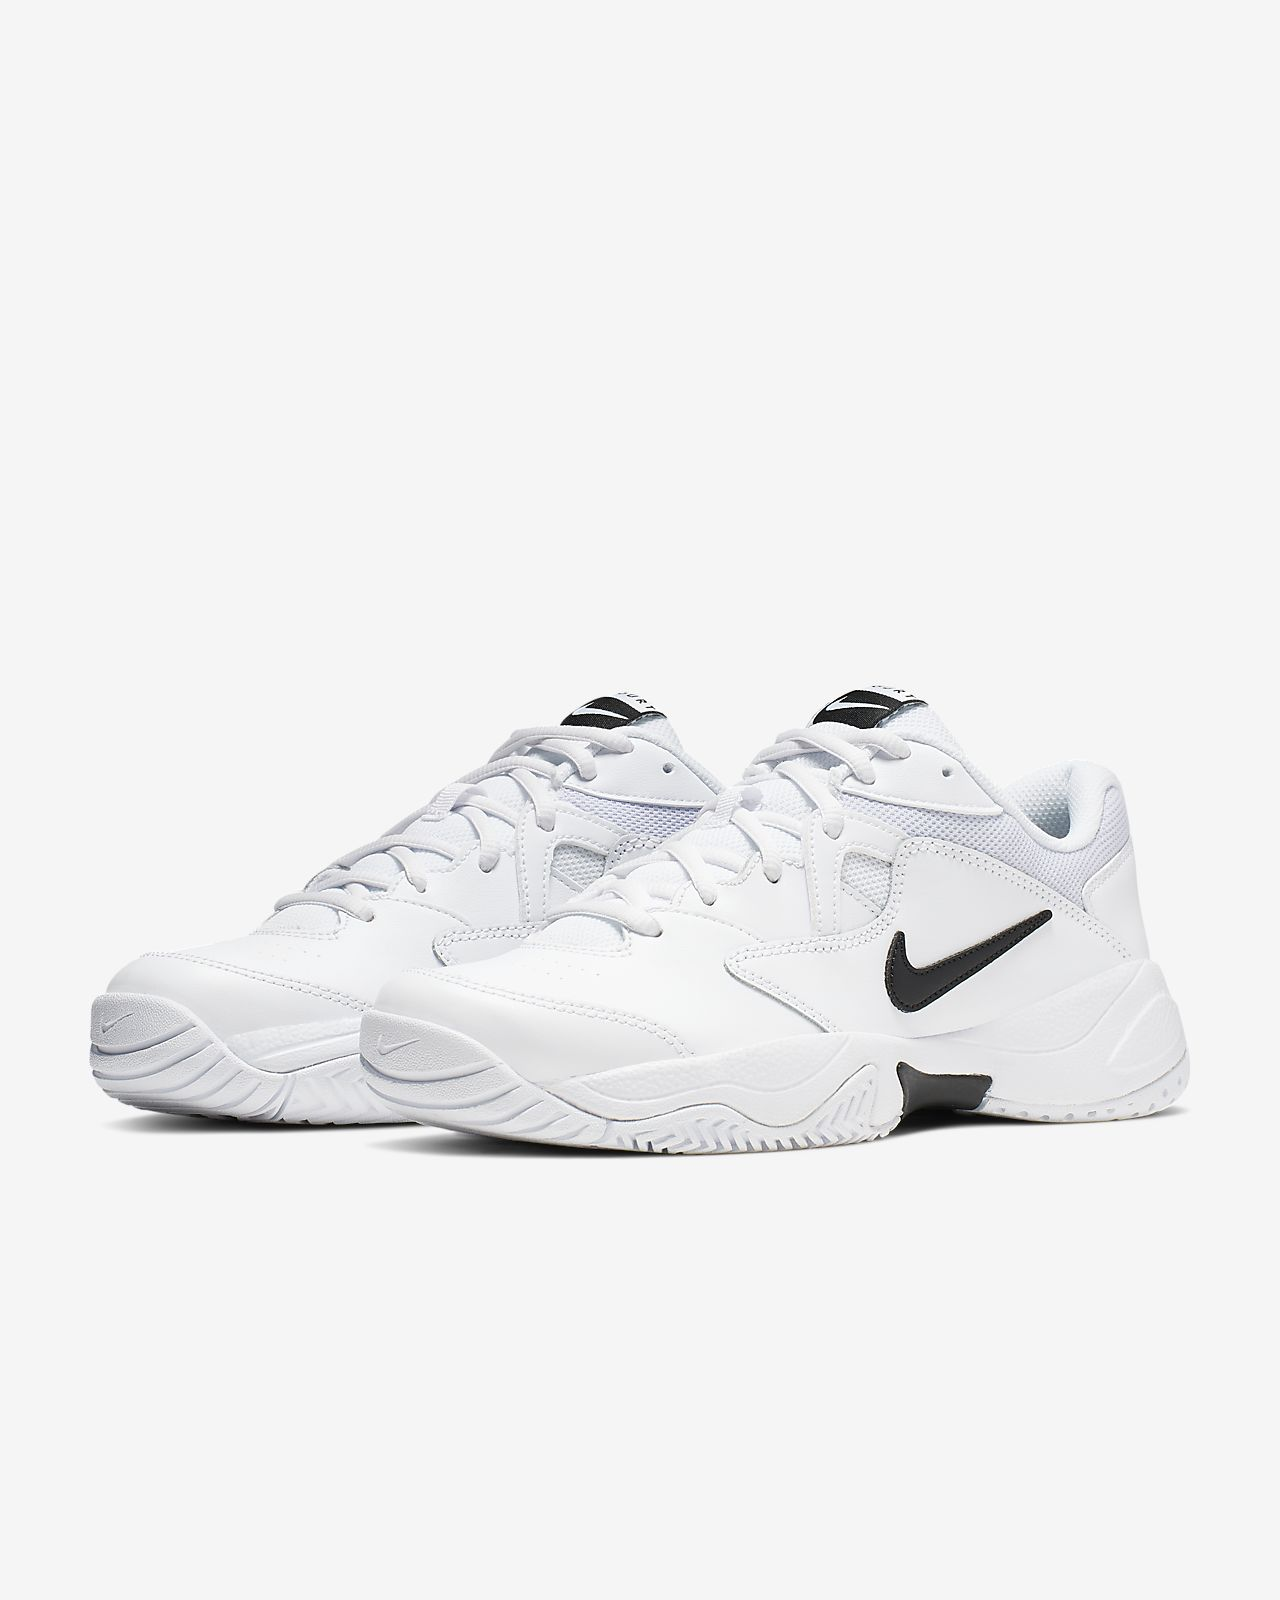 cc46aa61 NikeCourt Lite 2 Women's Hard Court Tennis Shoe. Nike.com MA